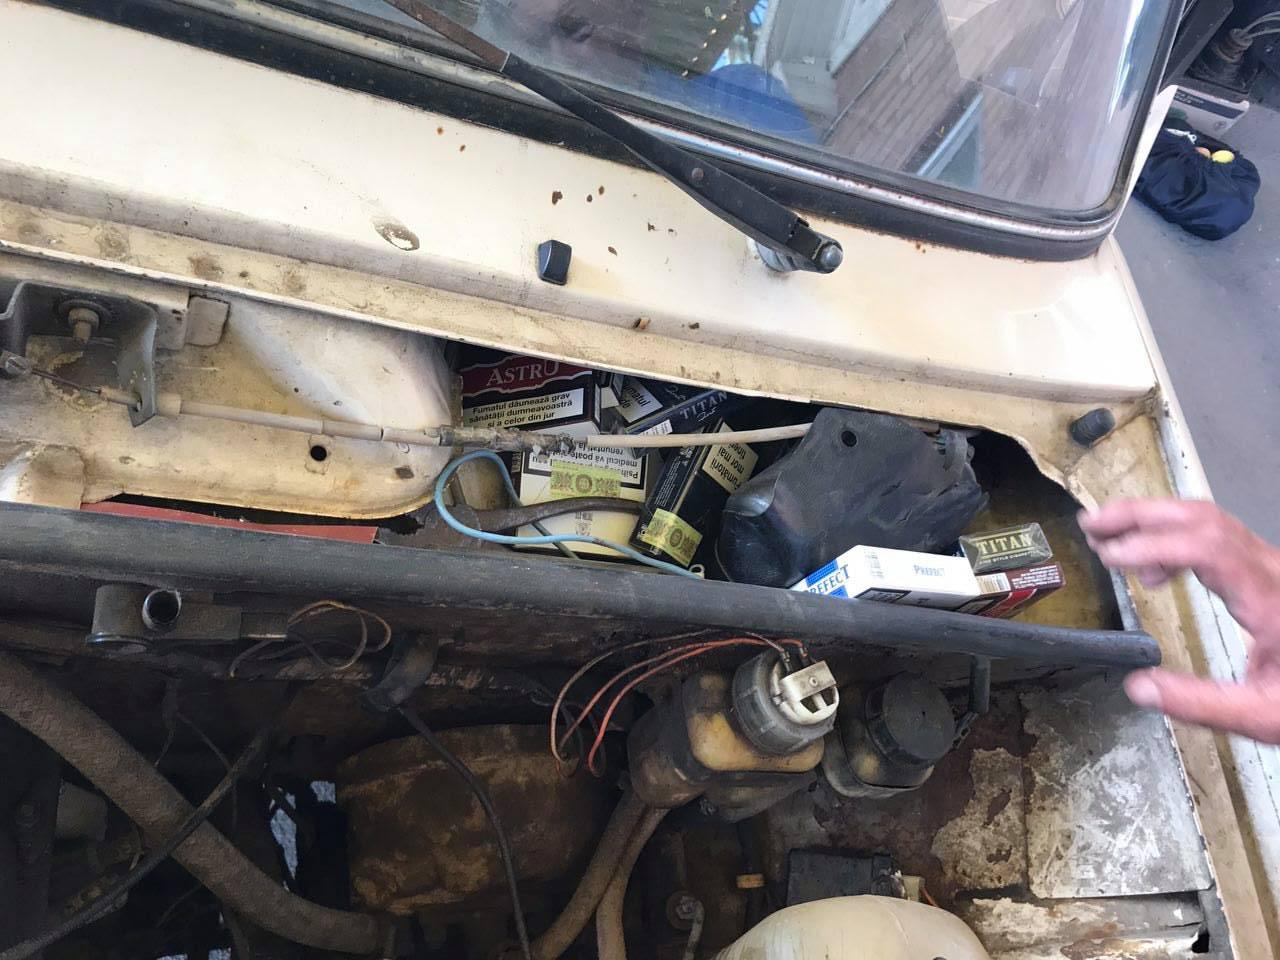 20446097_332601417183902_1224410370_o Не перехитрил: из-за 89 пачек контрабандных сигарет гражданин Молдовы оставил автомобиль